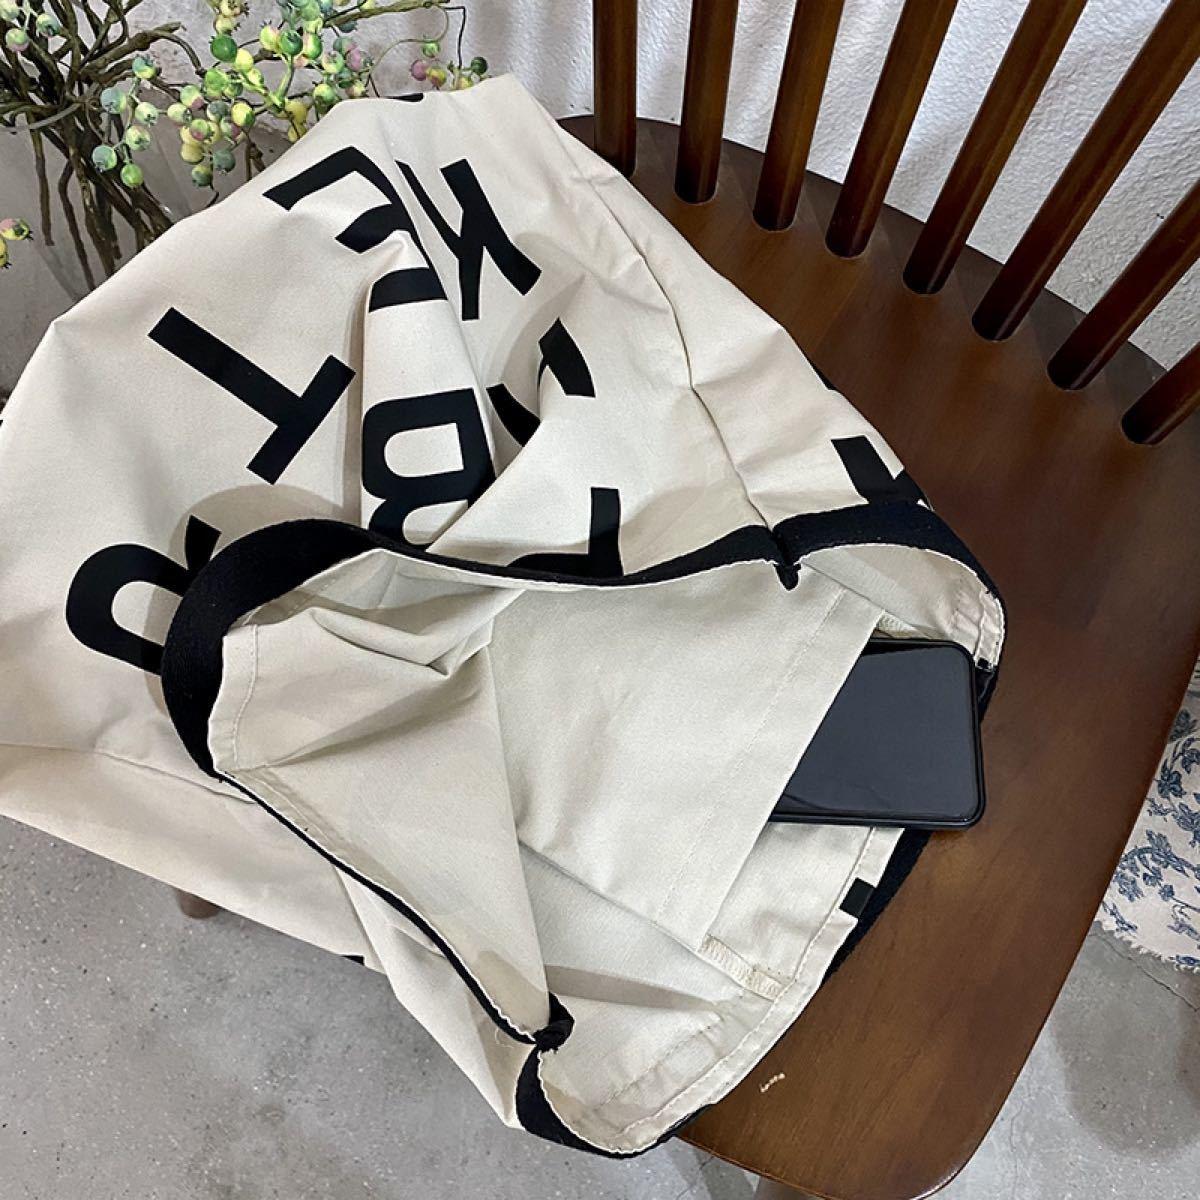 英字ロゴトートバッグ エコバッグ 大容量 マザーズバッグ オフホワイト